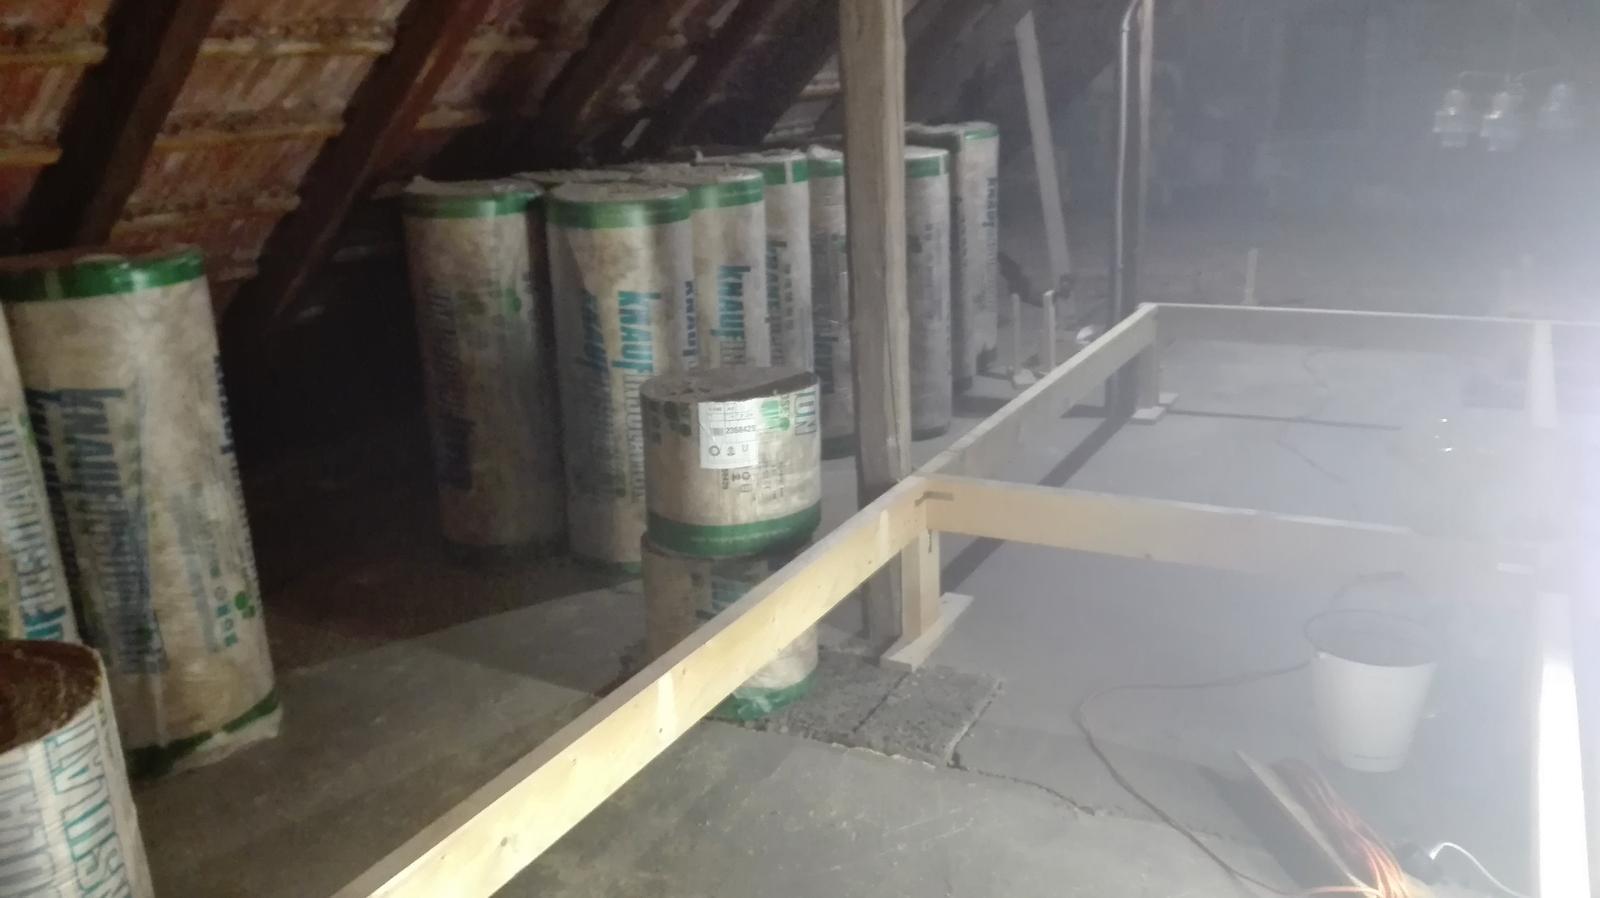 Zlepsenie tepelnoizolacnych vlastností tramoveho stropu - Obrázok č. 9